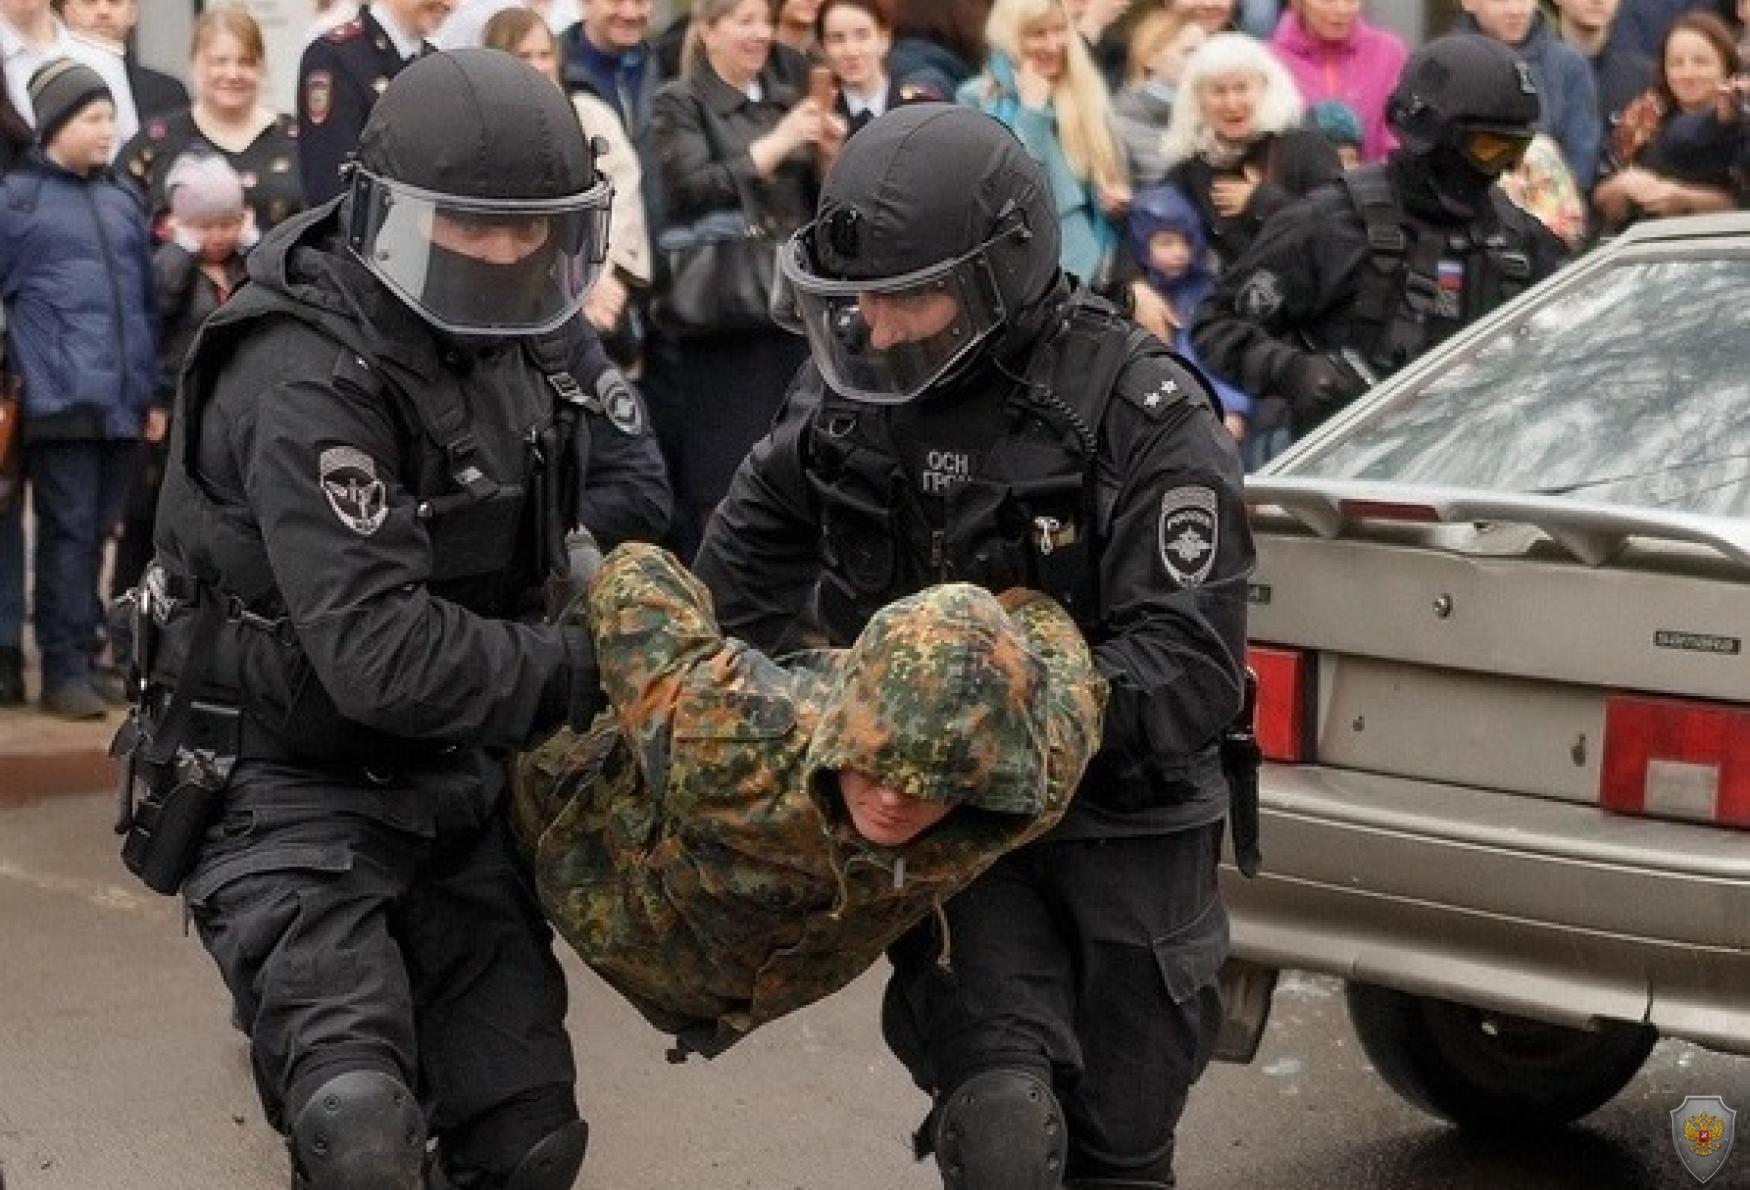 Показательные выступления сотрудников правоохранительных органов